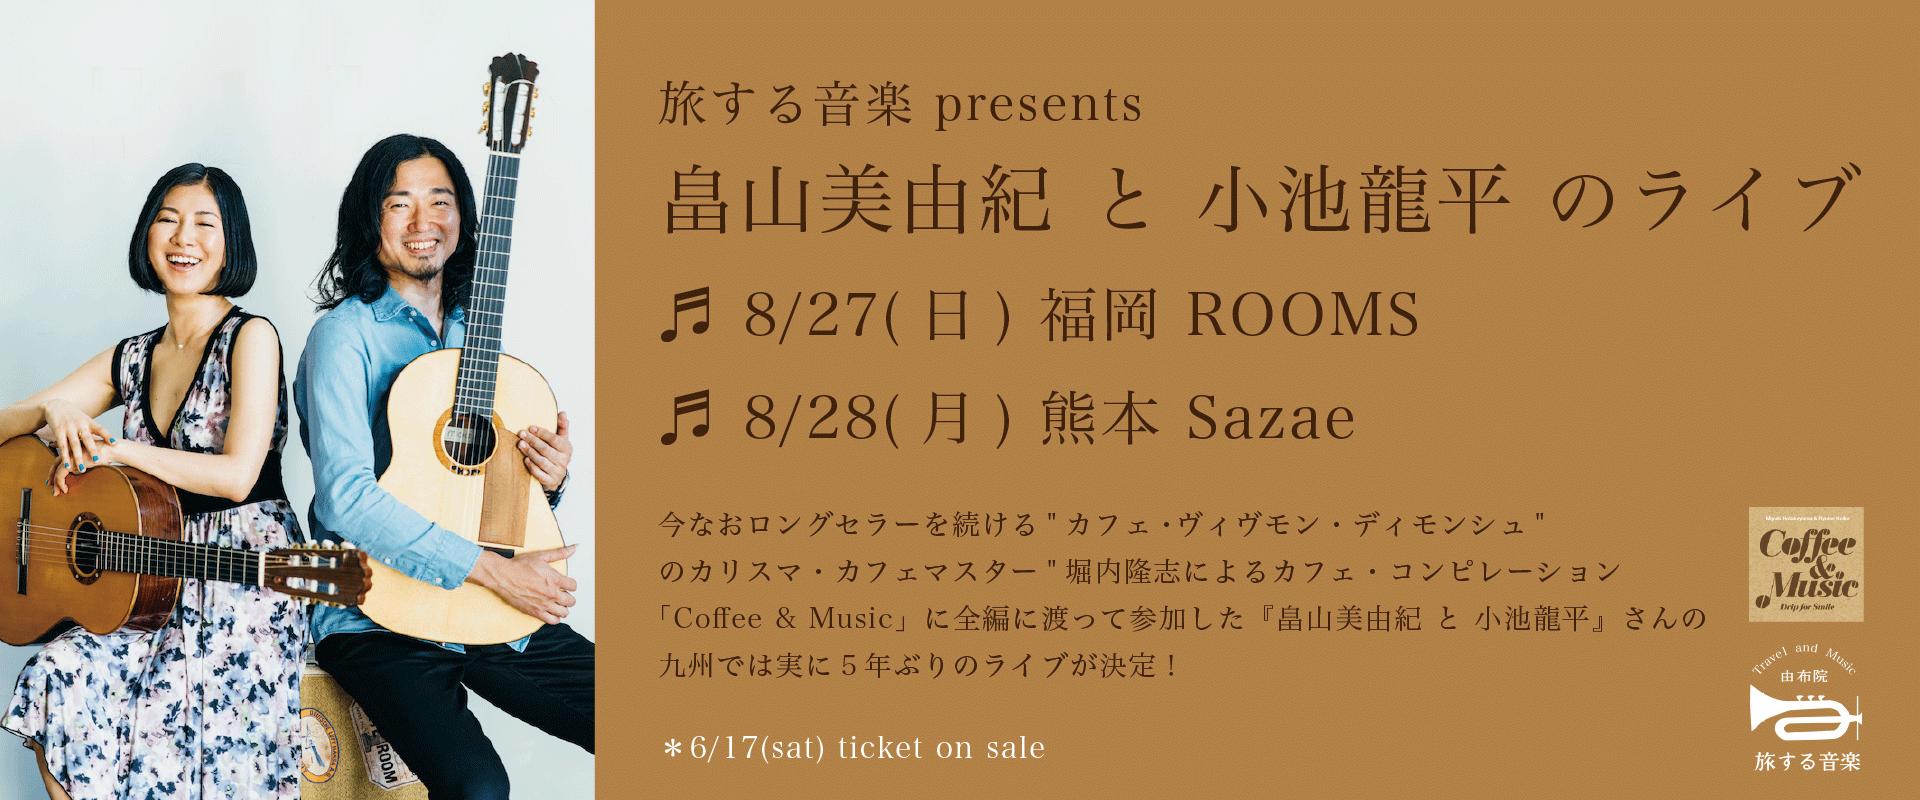 畠山美由紀 と 小池龍平 のライブ 九州2公演